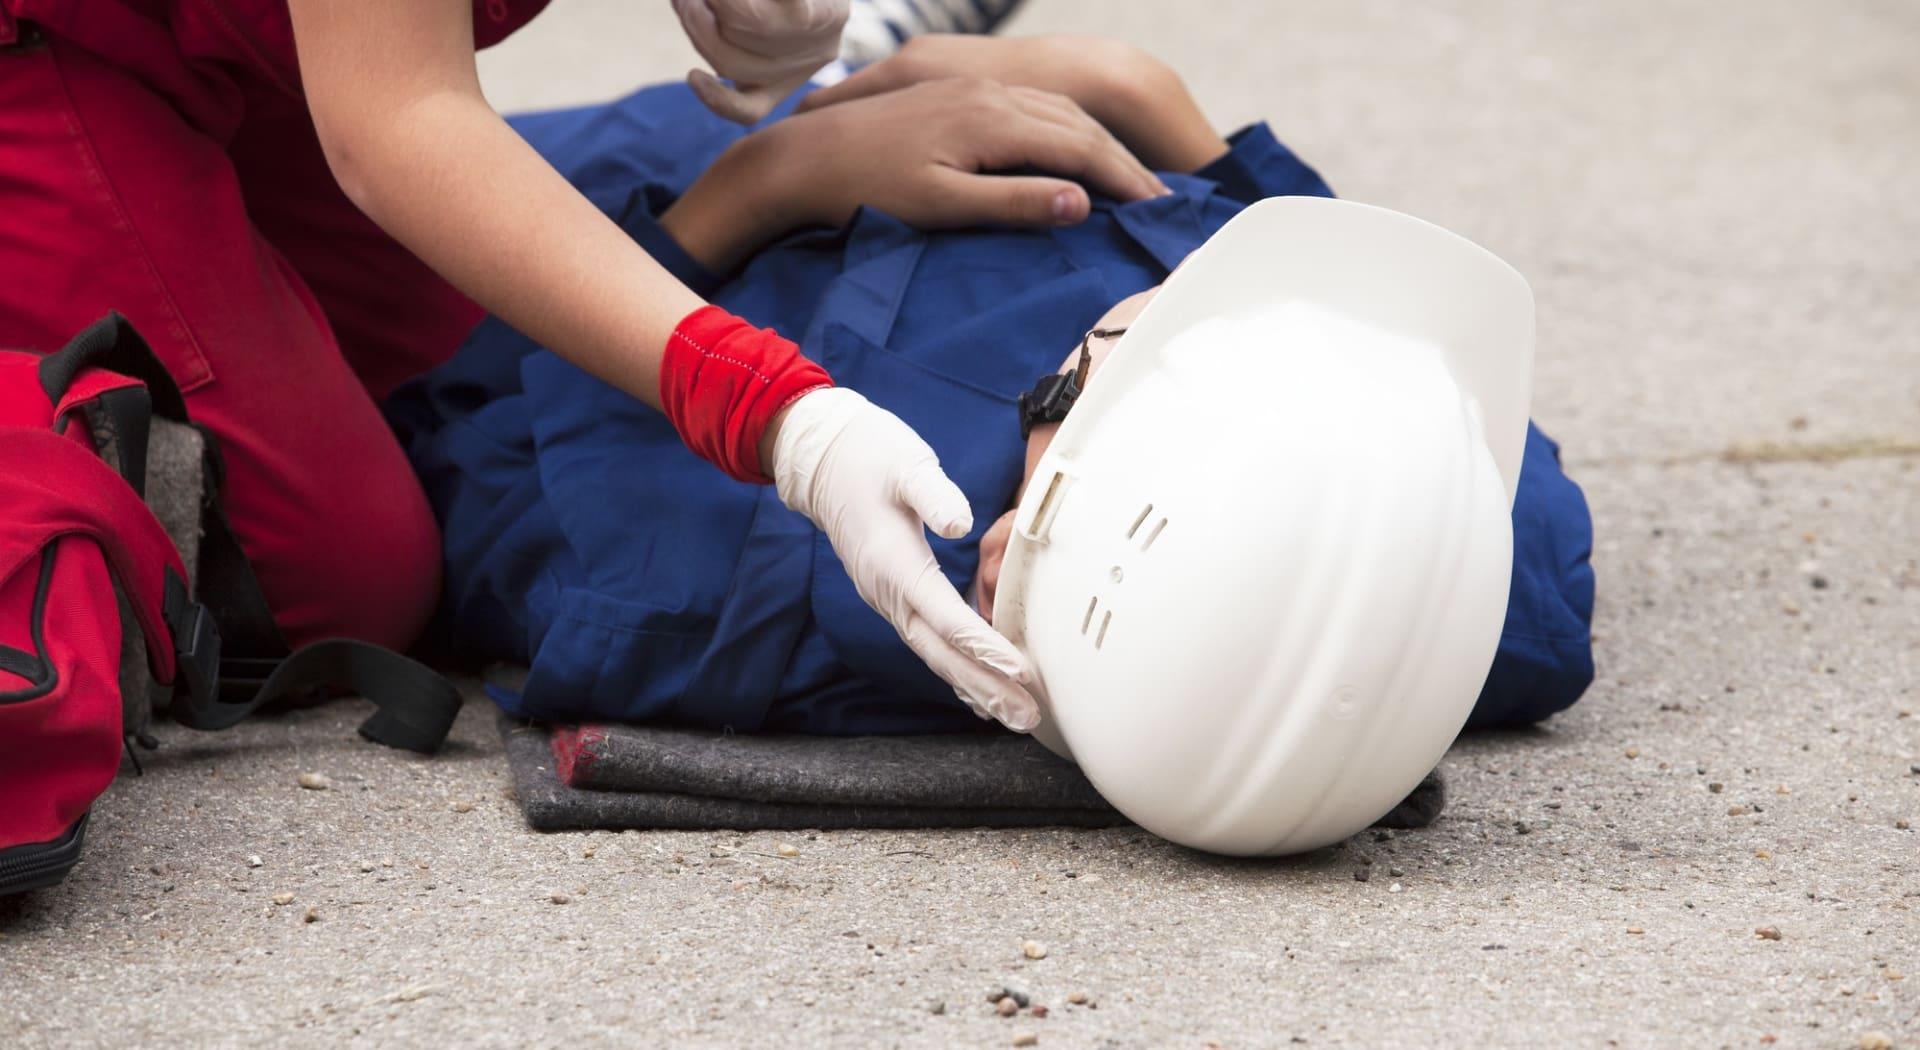 Dødelige arbeidsulykker rammer oftest utenlandske arbeidstakere.